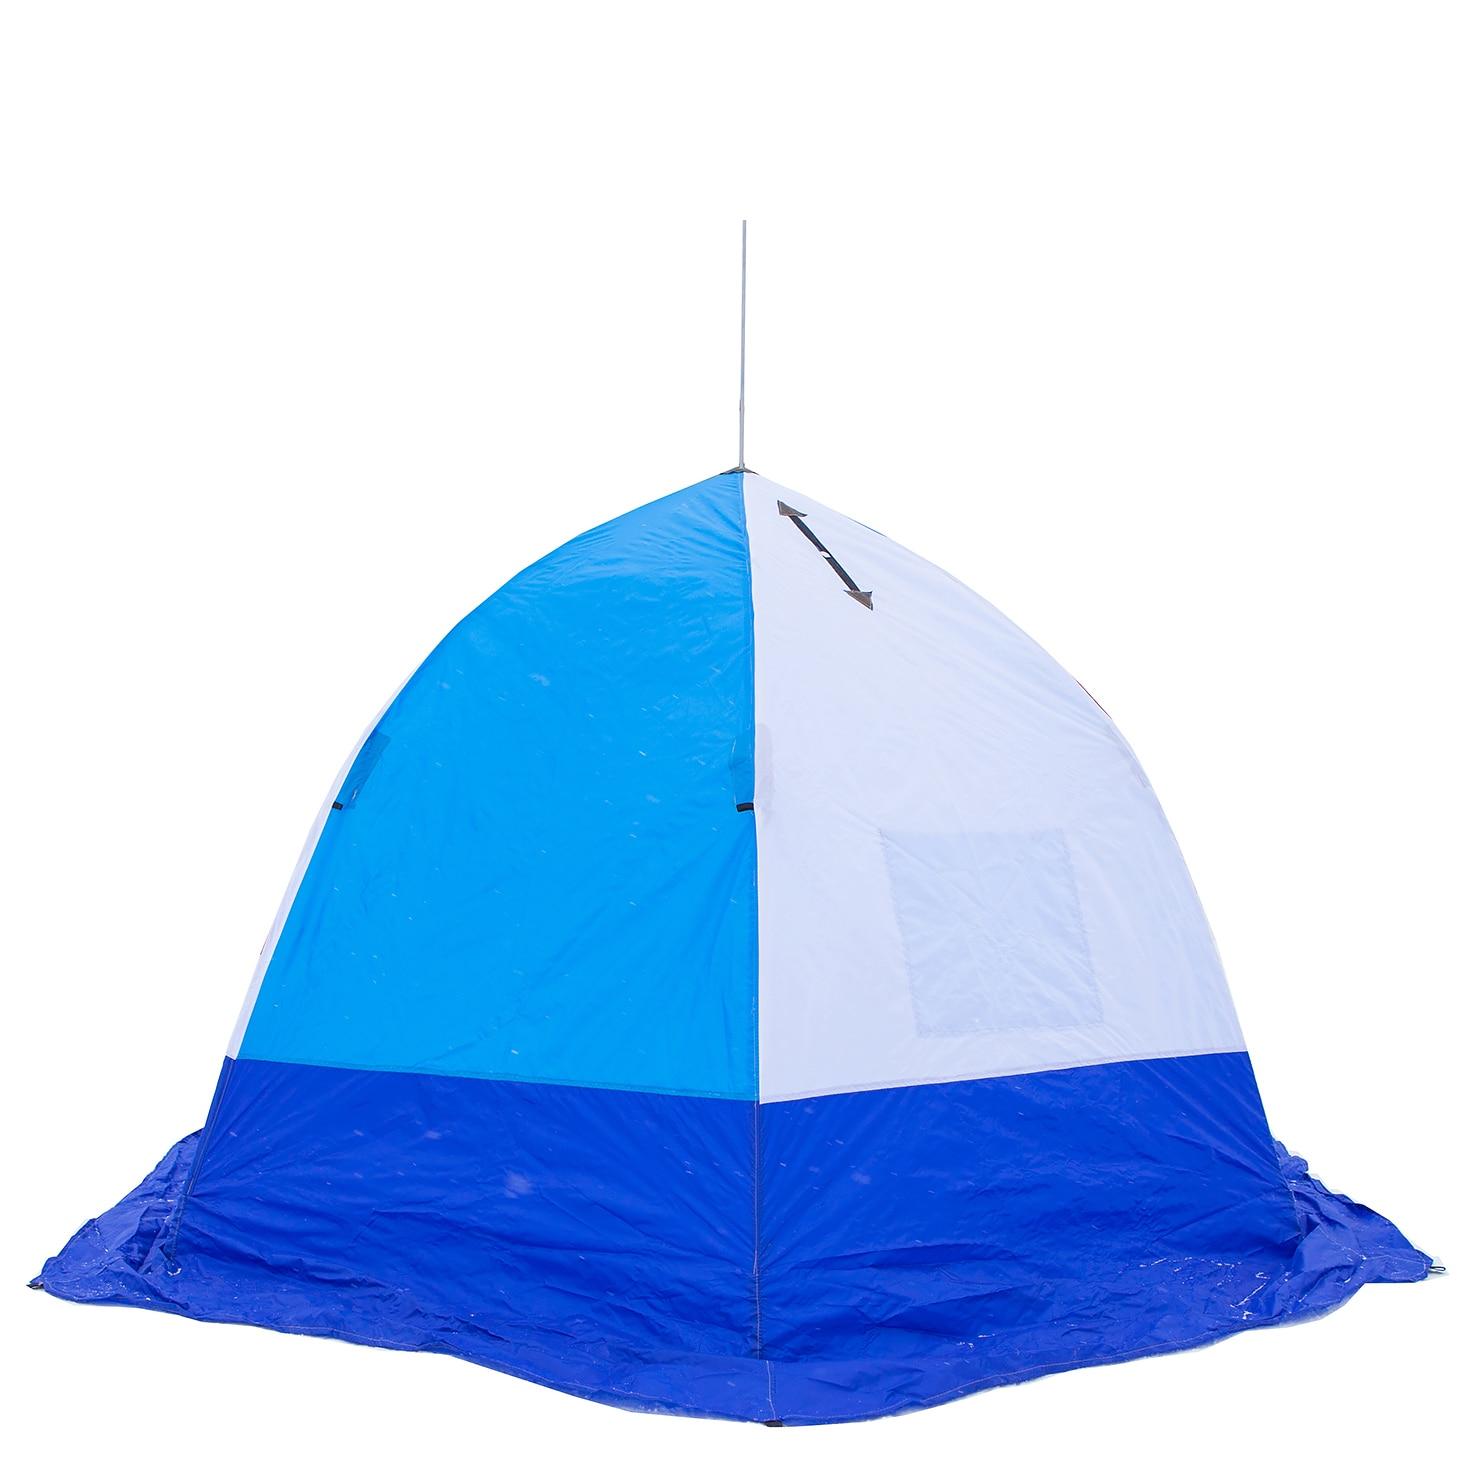 Палатка зонт для зимней рыбалки СТЭК Elite 2, однослойная|Палатки| | АлиЭкспресс